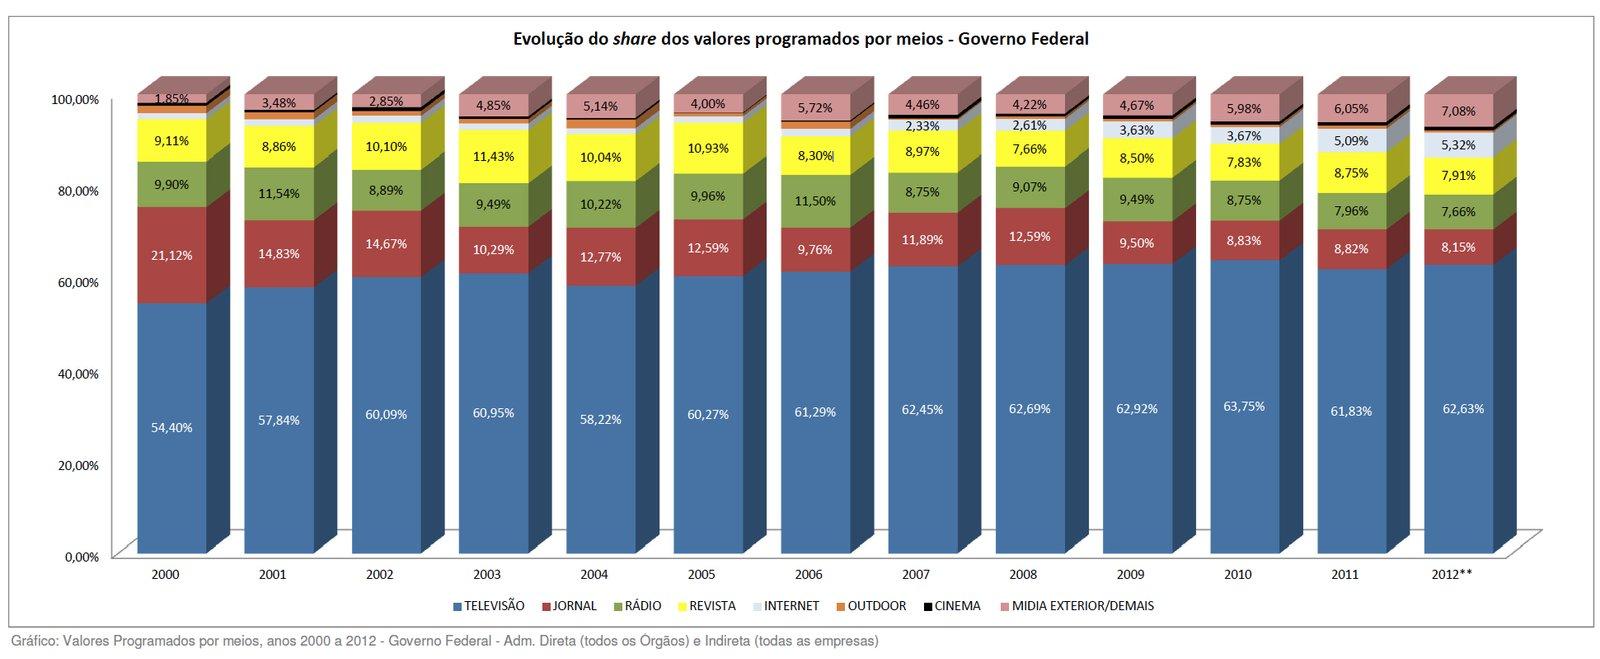 Publicicade-estatal-evolucao-por-meio-2000-2012